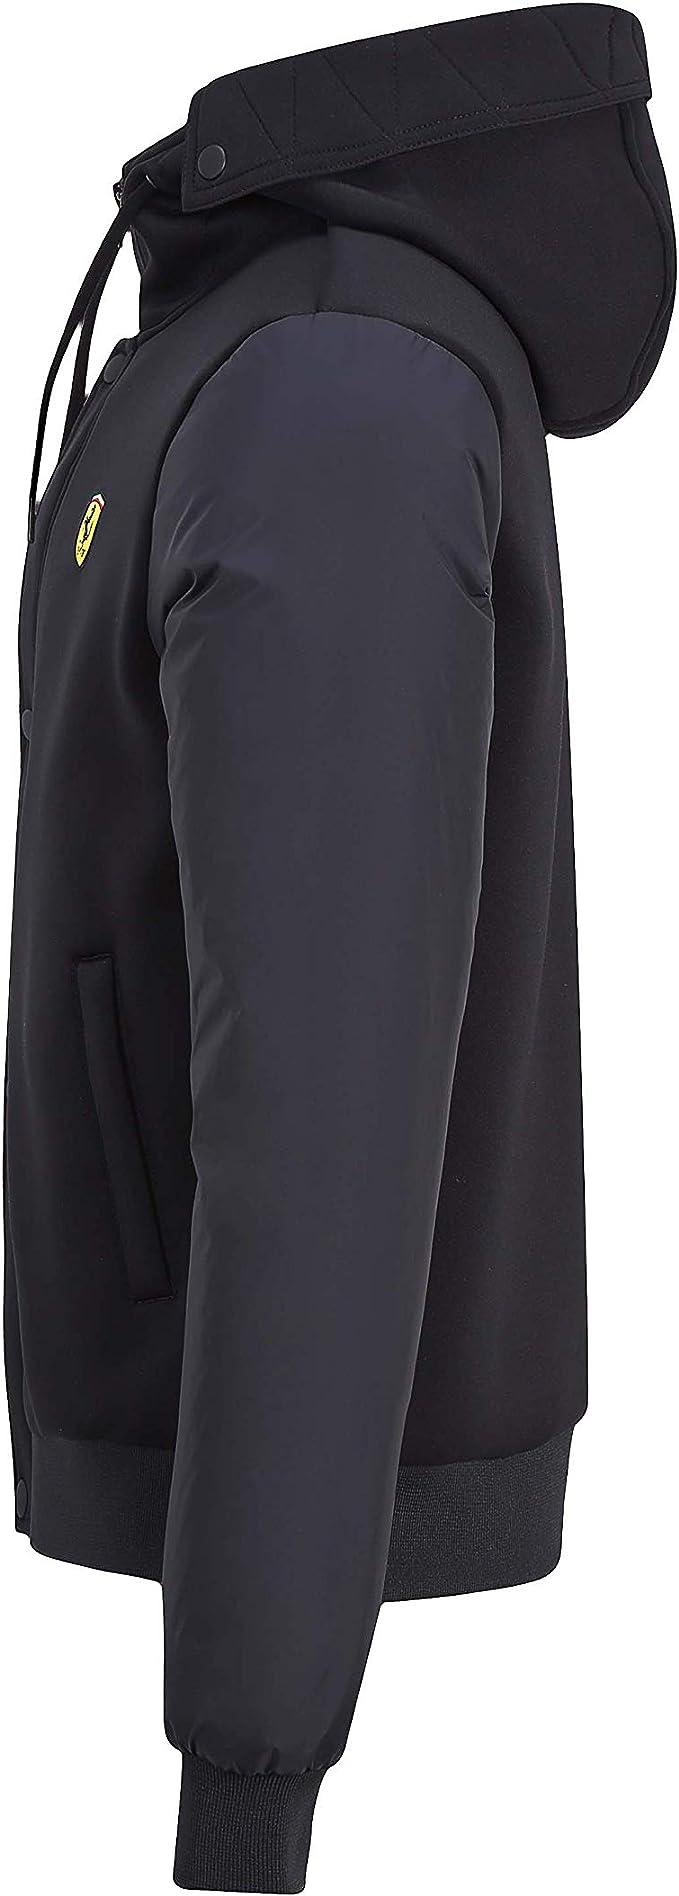 Branded Sports Merchandising B V Scuderia Ferrari F1 Men S Hooded Bomber Jacket Black Bekleidung